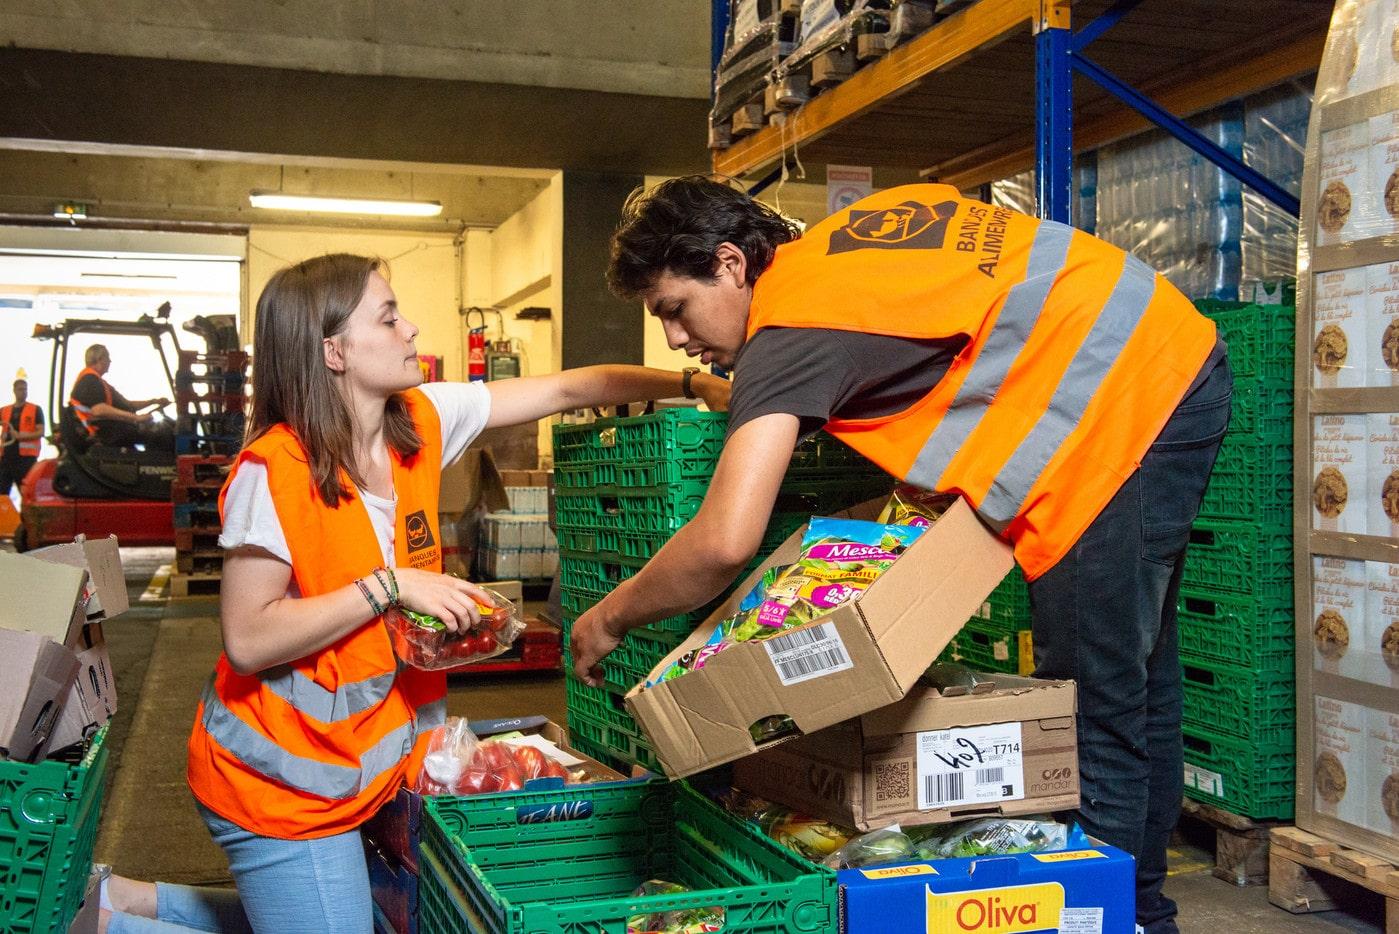 Des bénévoles trient les produits arrivés à la Banque alimentaire